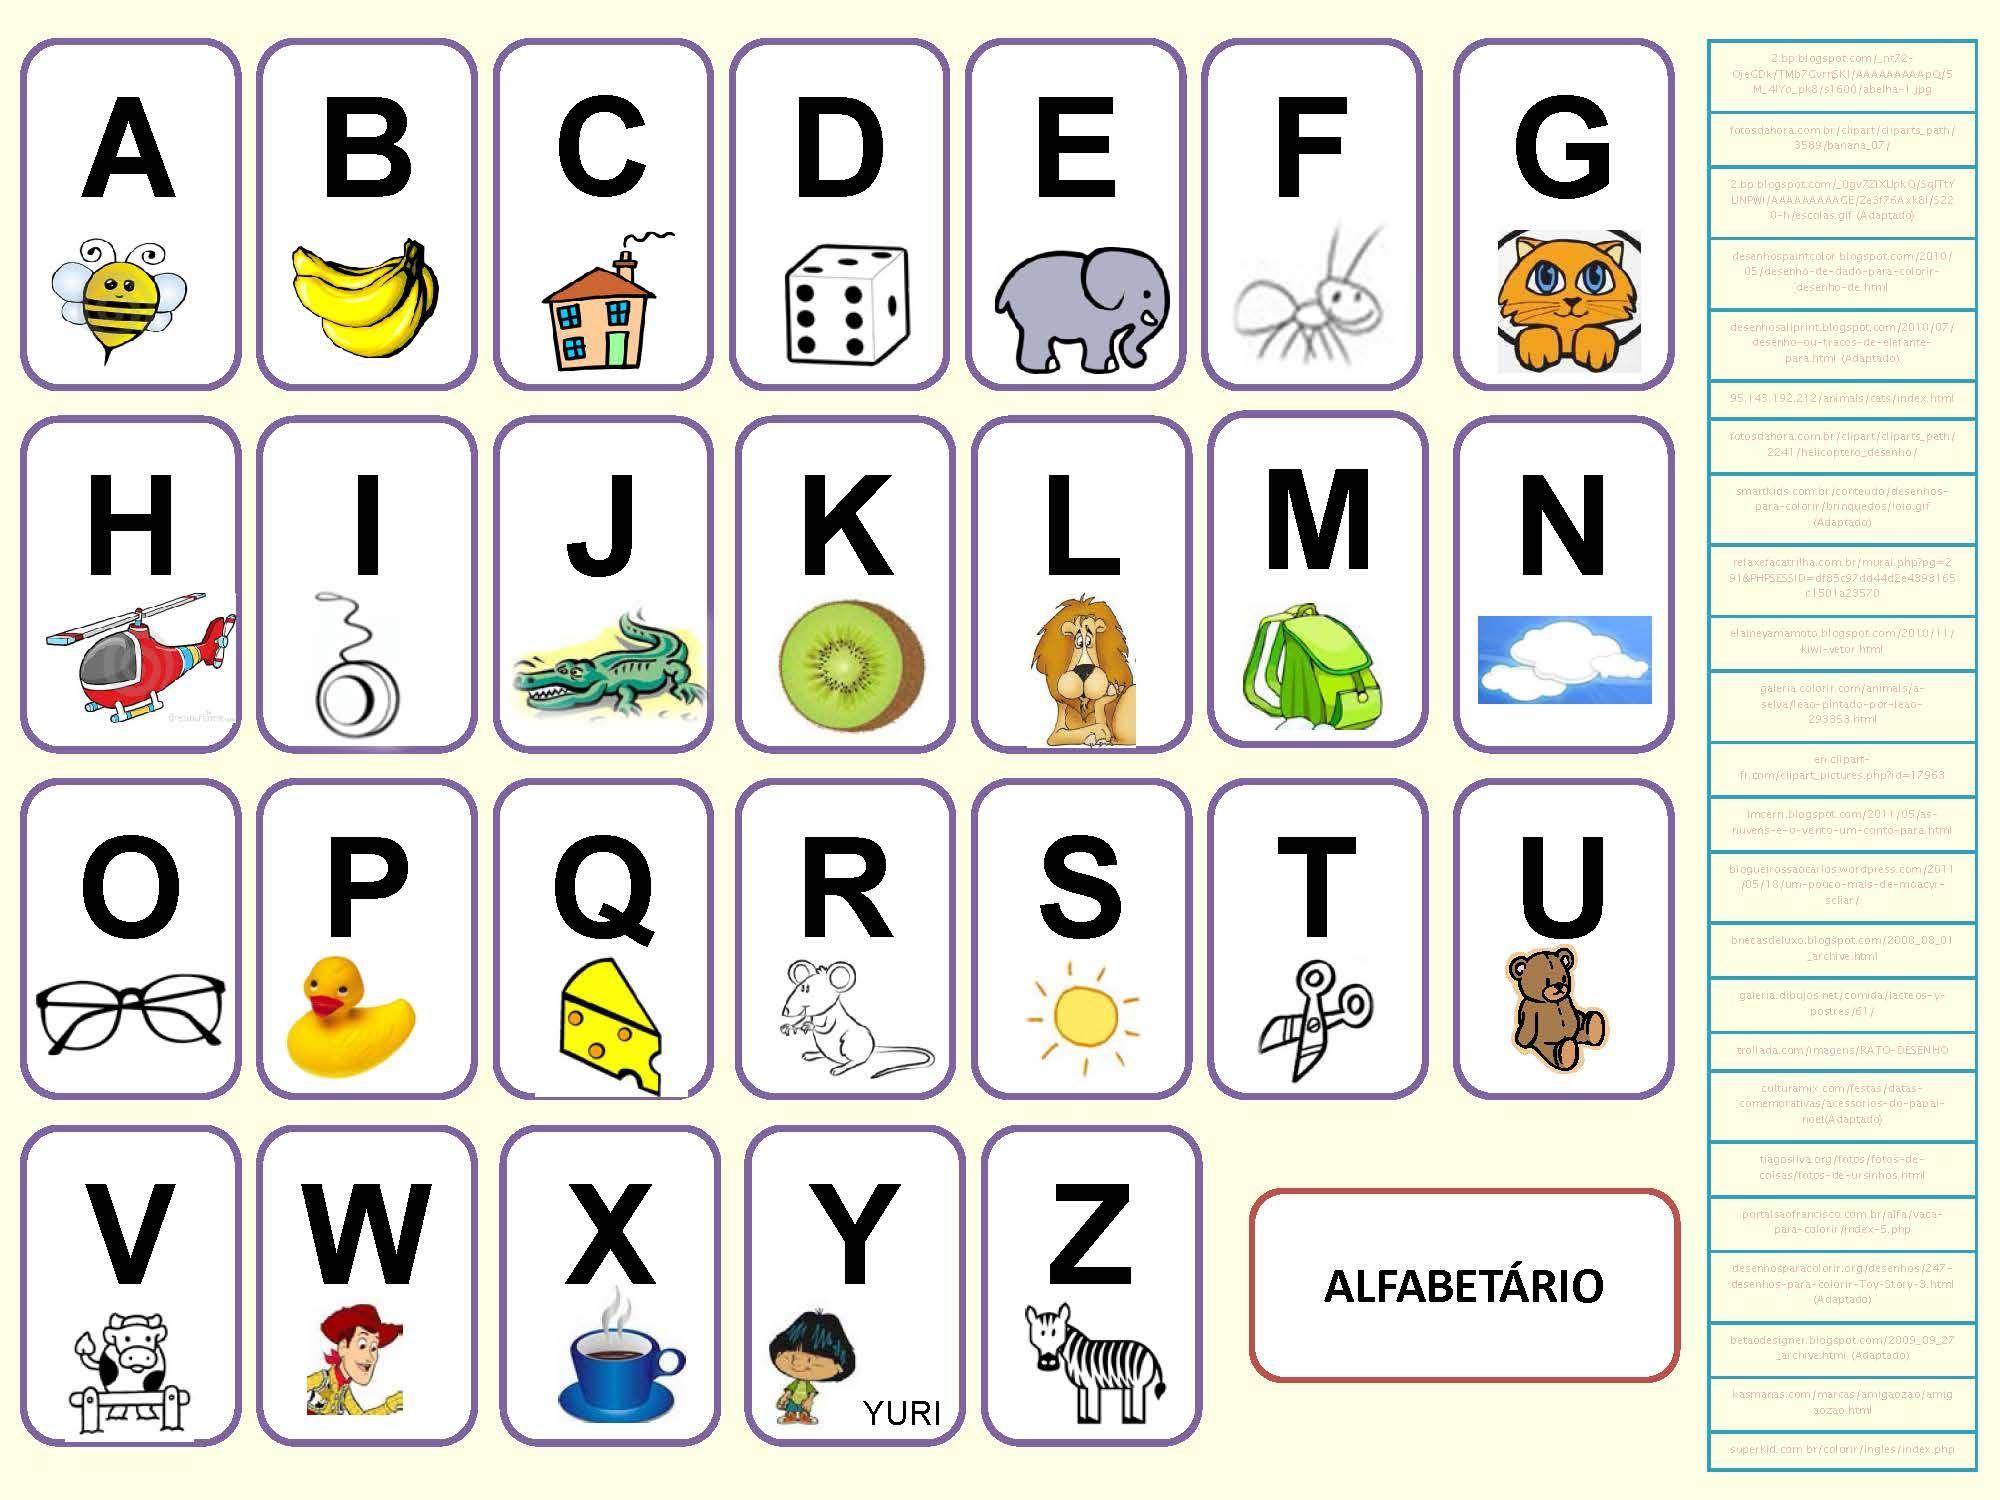 Apprendre Alphabet Maternelle Imprimer Wp32 | Jornalagora destiné Apprendre Alphabet Francais